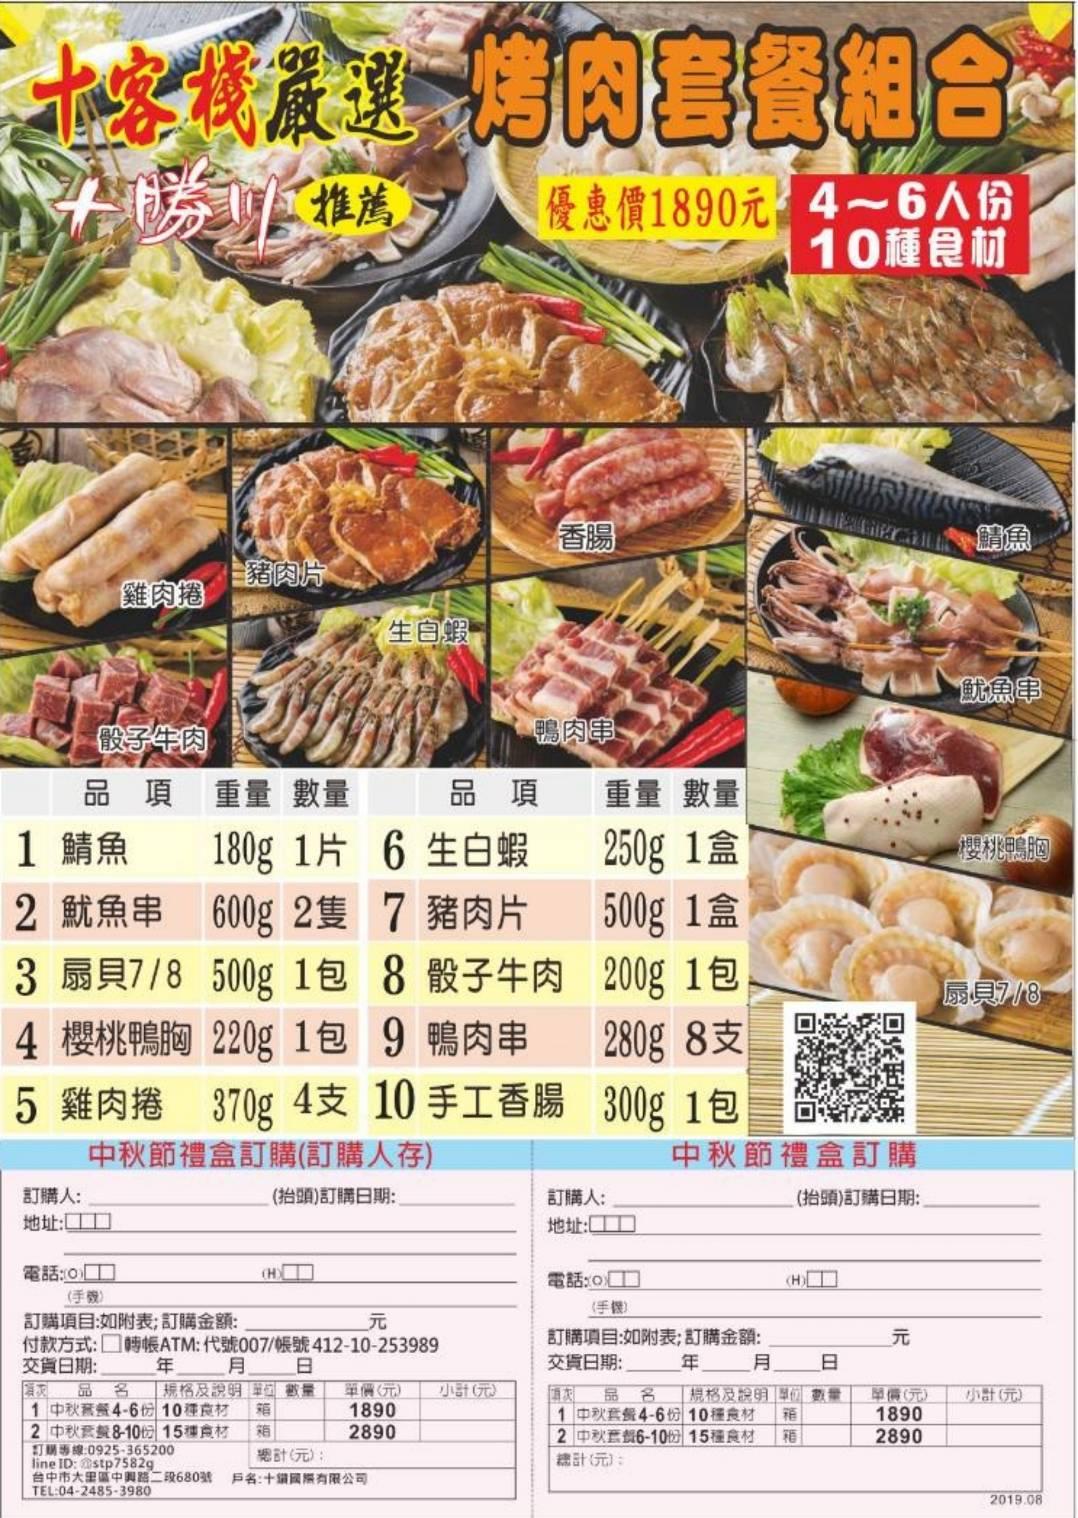 2019十客棧 4-6人份超值套餐禮盒15種食材04-24853980 (2)